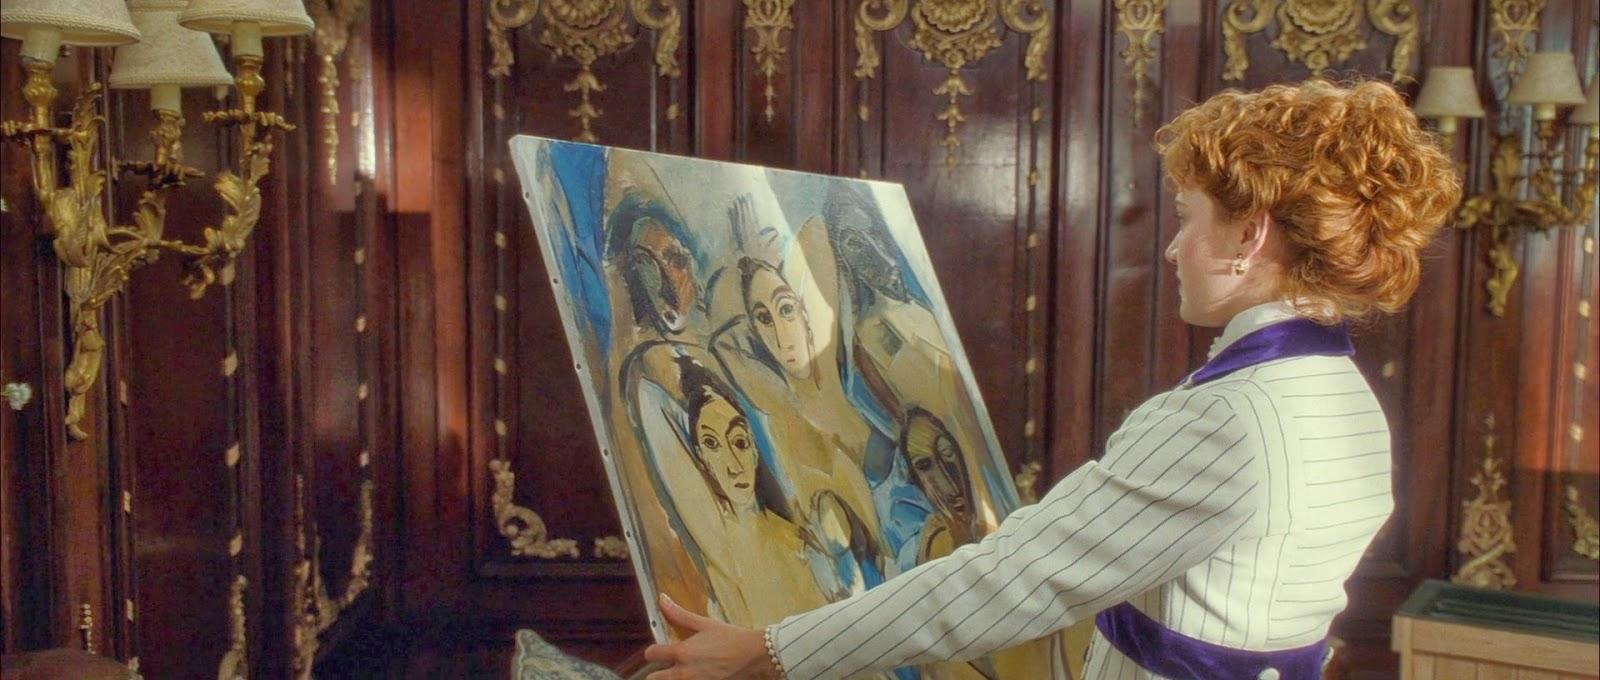 Pablo Picasso   Les Demoiselles d Avignon